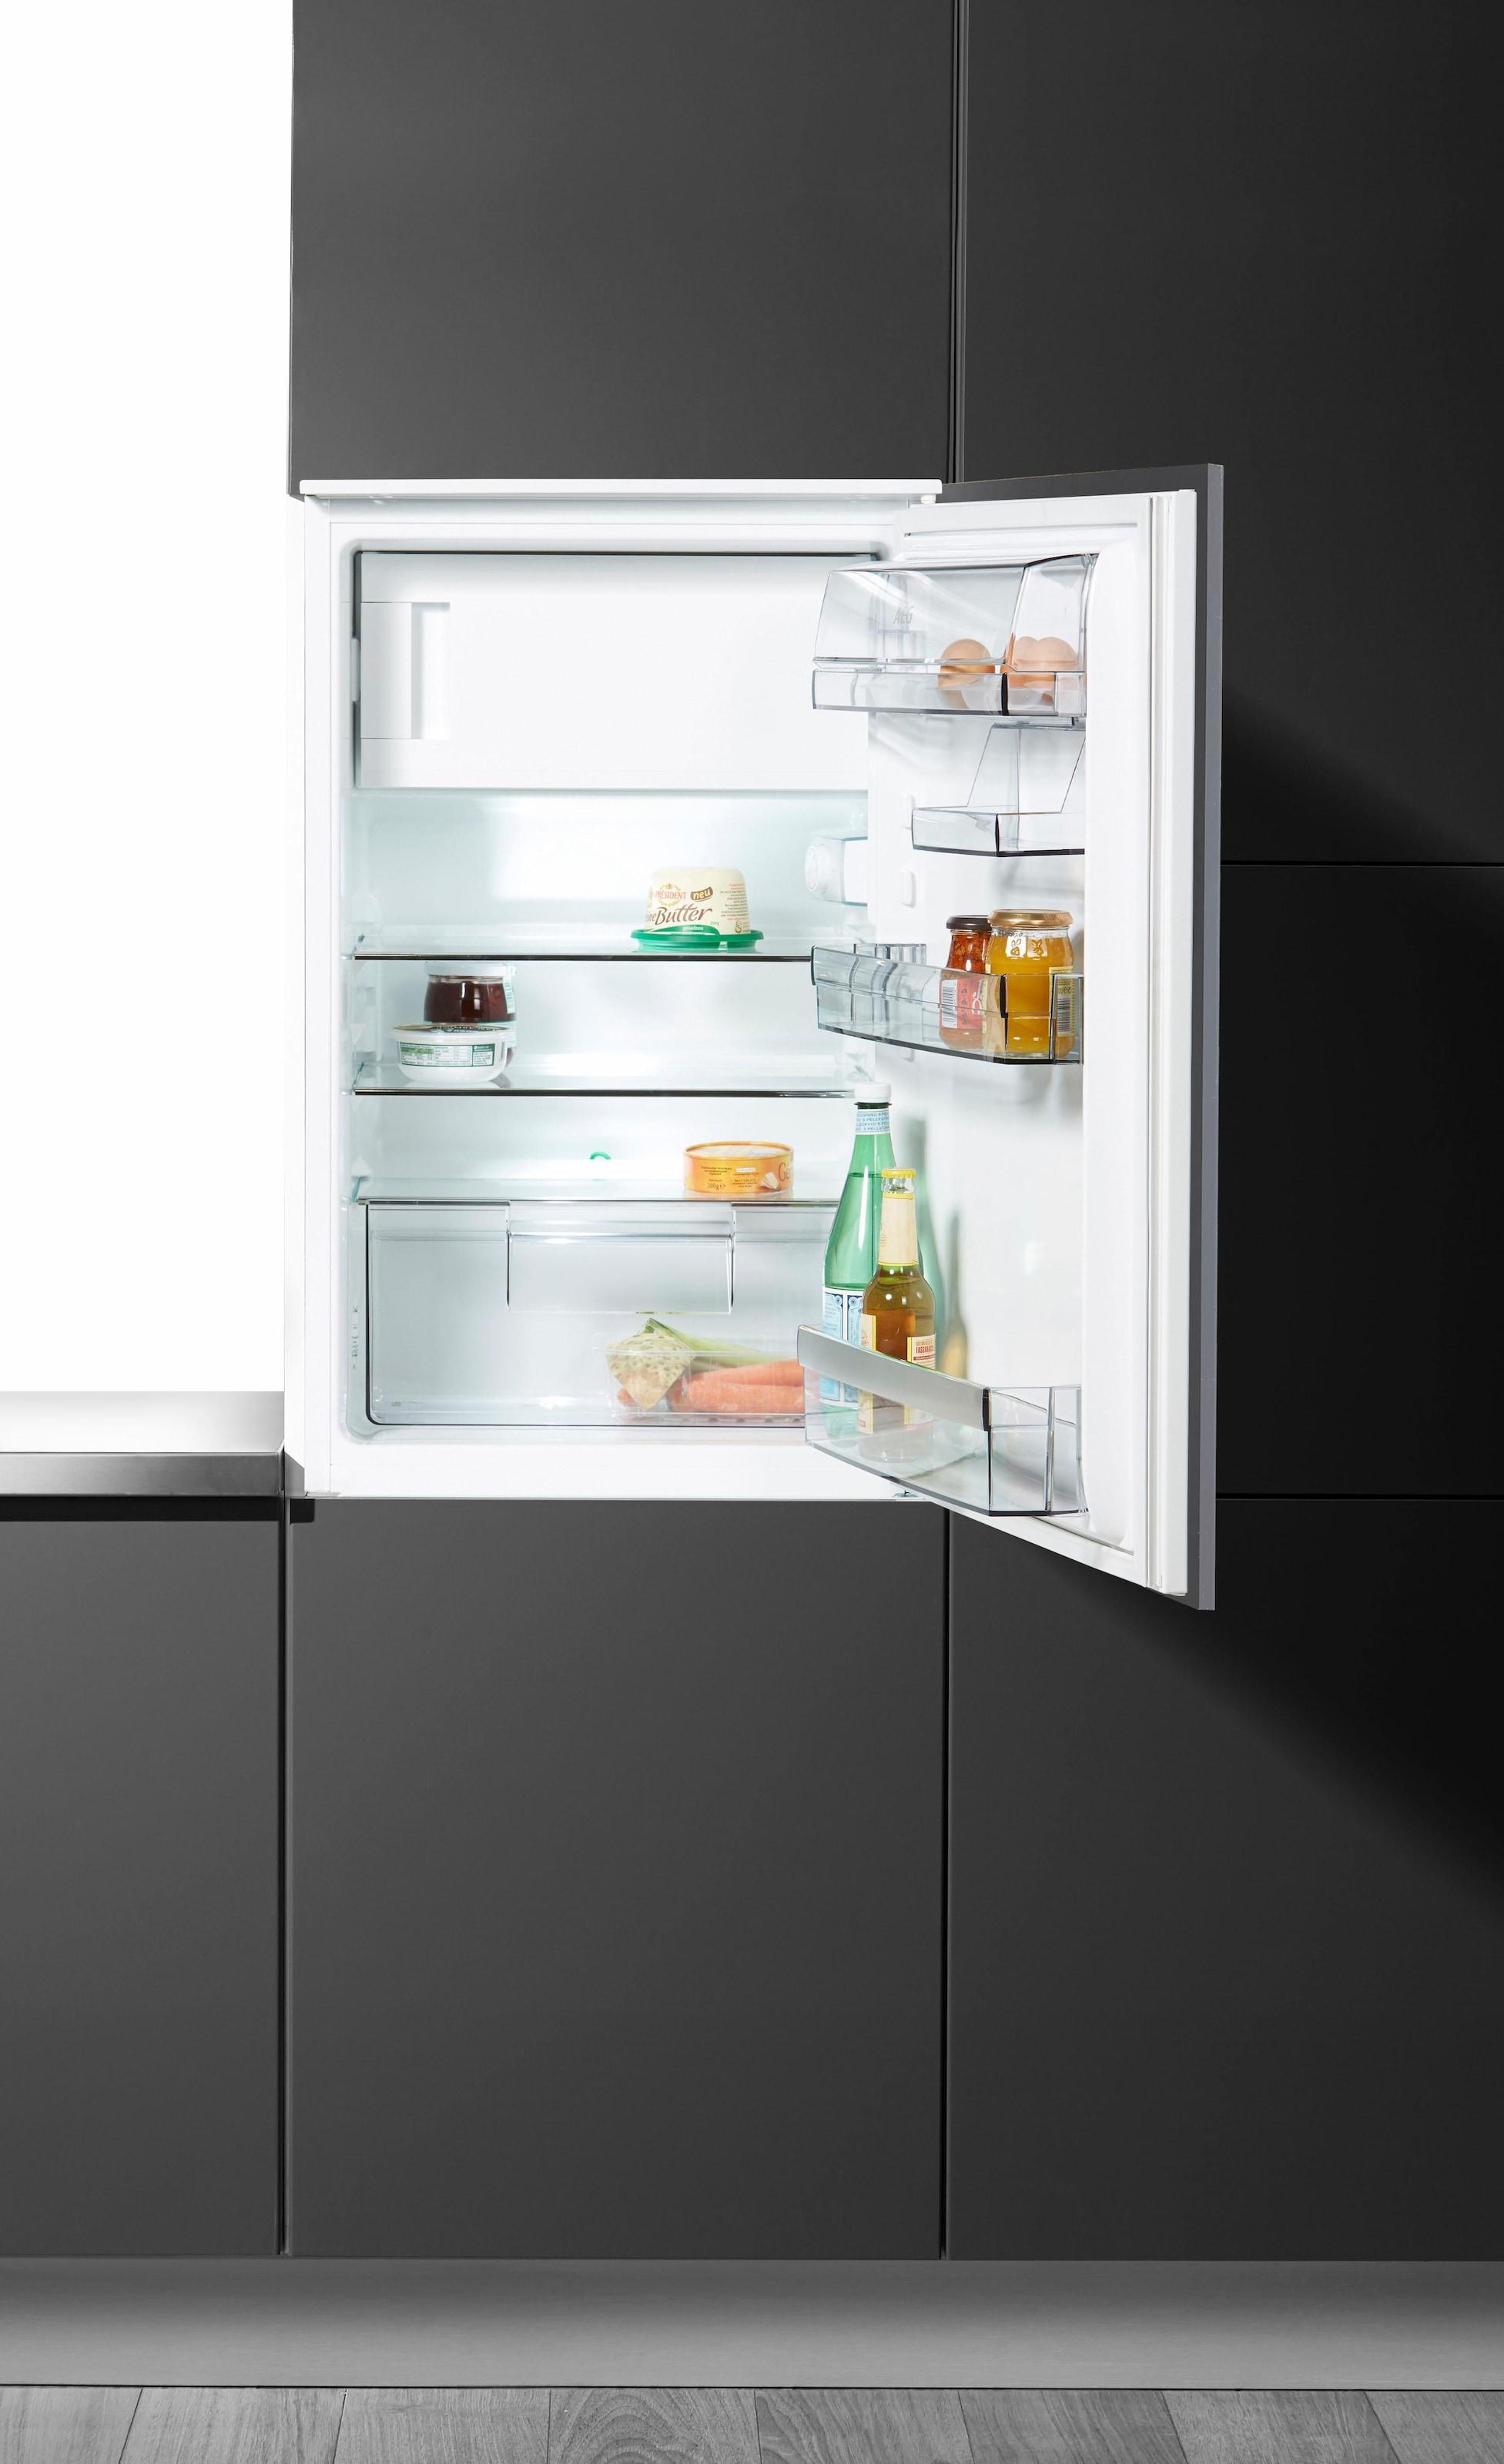 Aeg Santo Kühlschrank Mit Gefrierfach : Einbaukühlschränke mit gefrierfach im baur onlineshop auf